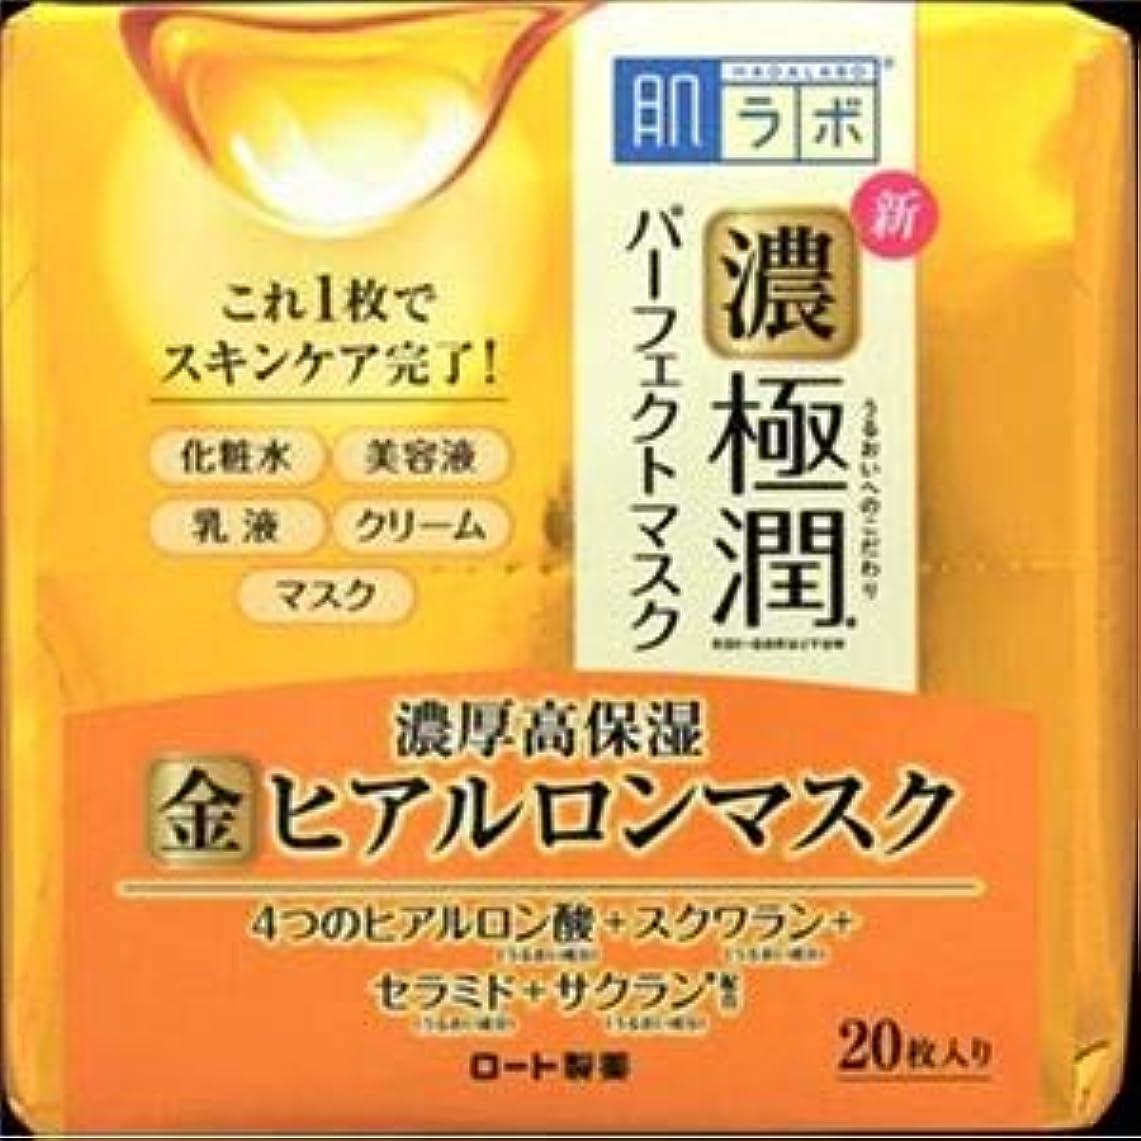 パステルメイドスローガン(まとめ)ロート製薬 肌ラボ 極潤パーフェクトマスク 20枚 【×3点セット】